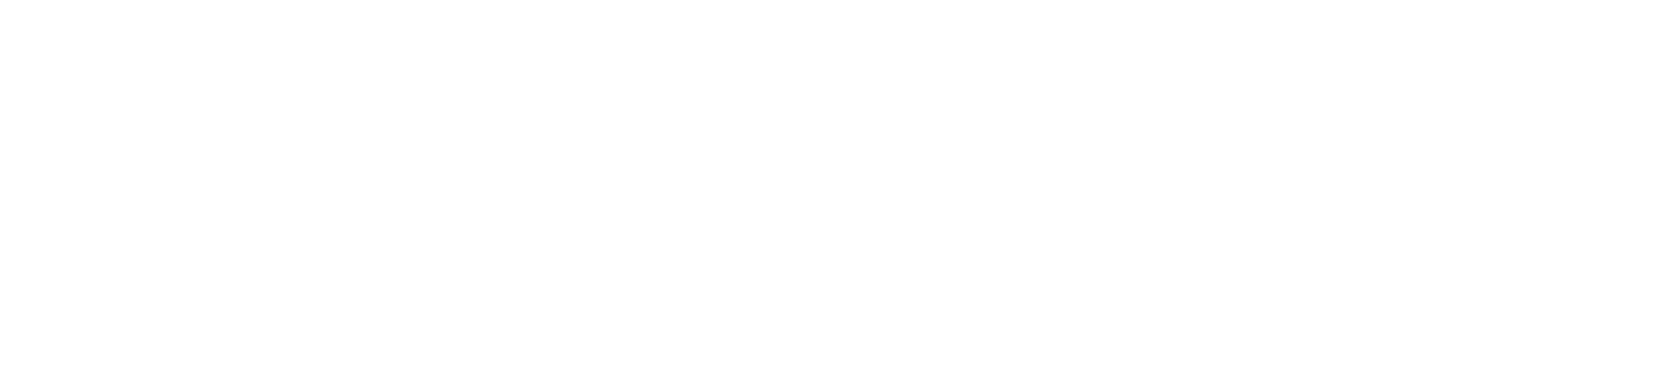 вебстудия.net логотип